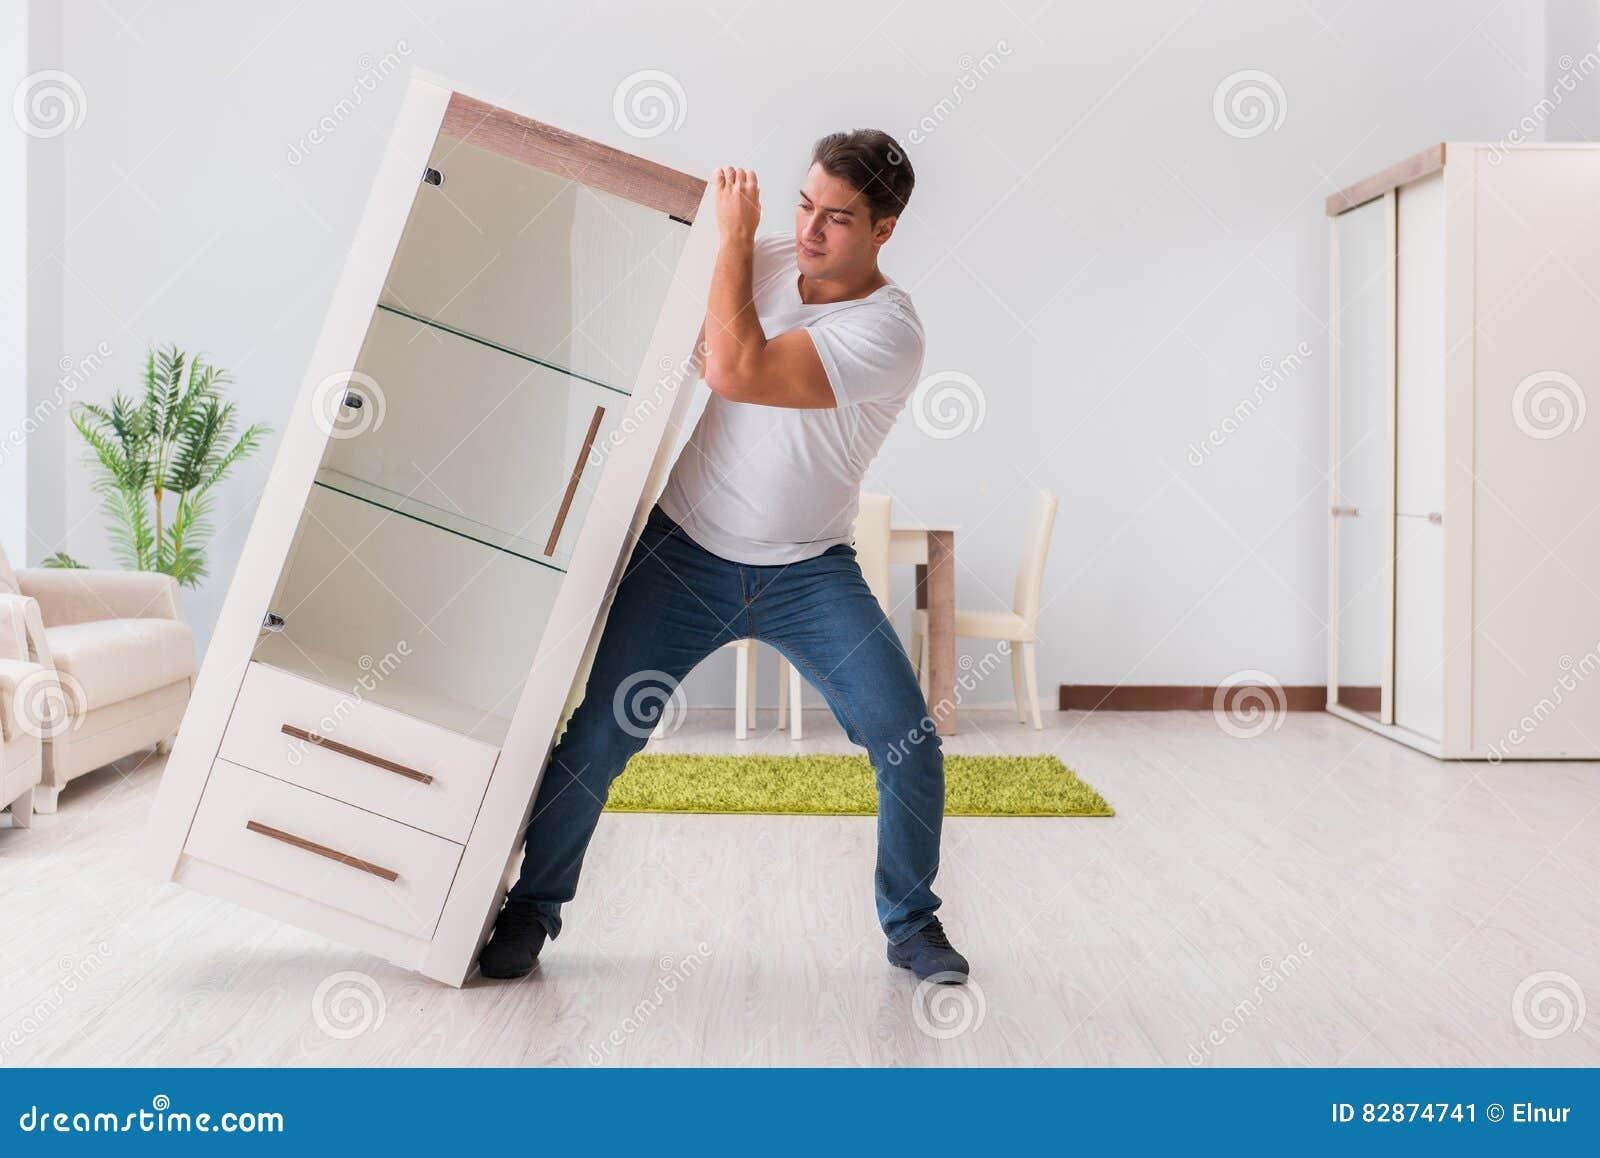 Los Muebles M Viles Del Hombre En Casa Imagen De Archivo Imagen  # Muebles Moviles